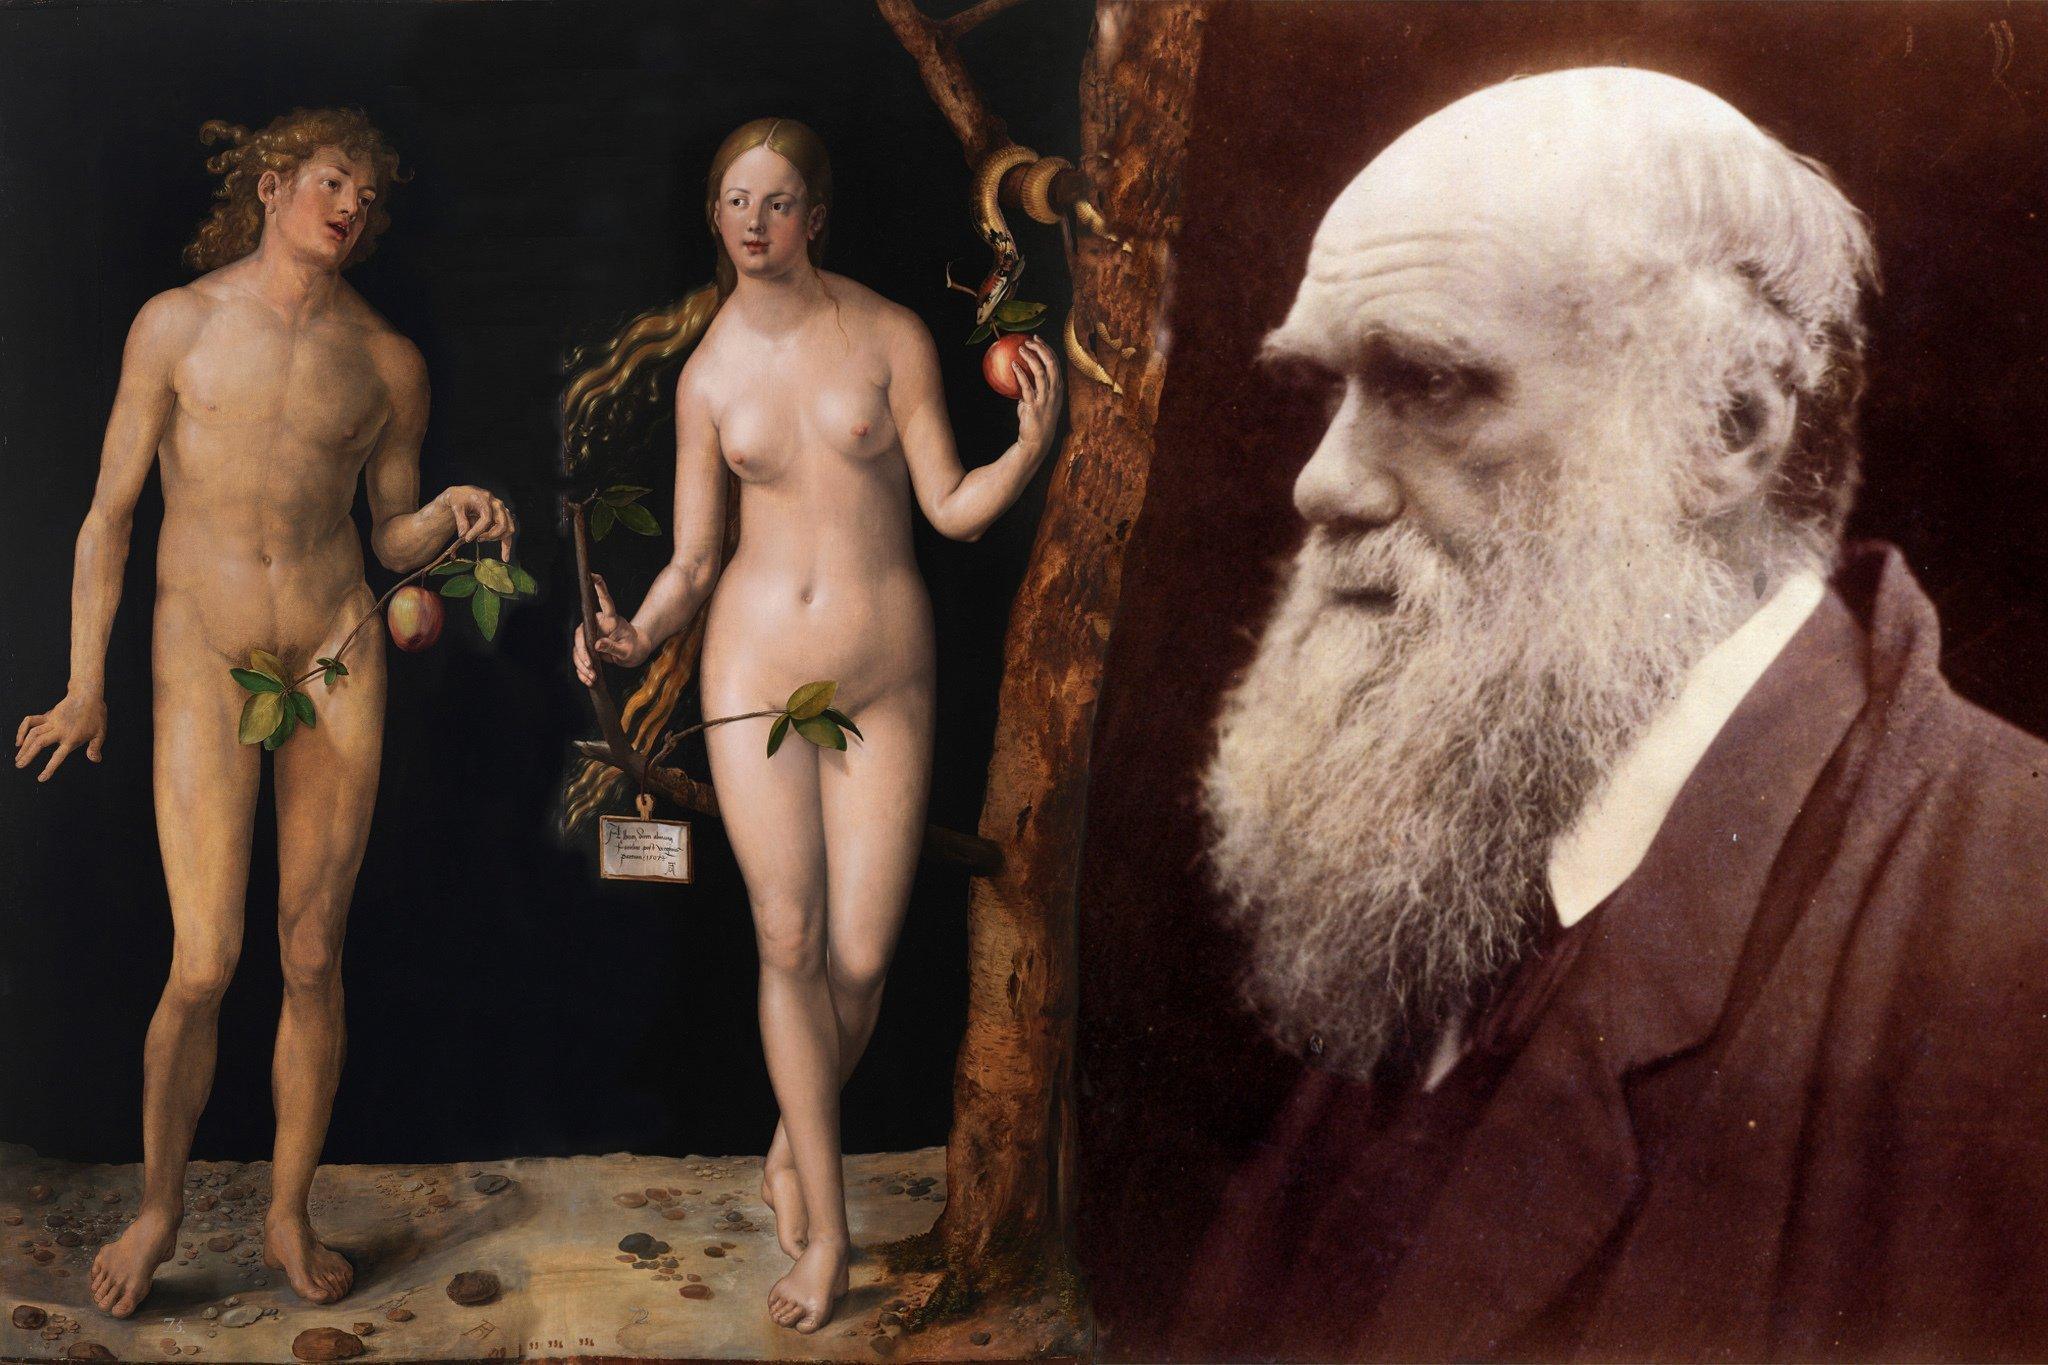 Das Bild zeigt links Darstellungen von Adam und Eva, die Albrecht Dürer im Jahr 1507malte. Die Figuren sind hellhäutig, nackt und die Geschlechtsteile sind von Zweigen bedeckt. Eva hält einen Apfel in der Hand und im Baum neben ihr lauert eine Schlange. Laut Bibel schuf Gott die beiden ersten Menschen. Charles Darwin, dessen Foto als älterer Mann mit Glatze und üppigem, weißen Bart auf der rechten Seite dieser Collage zu sehen ist, war sich dagegen sicher, dass die Evolution den Menschen in einem langwierigen Prozess hervorgebracht hat.